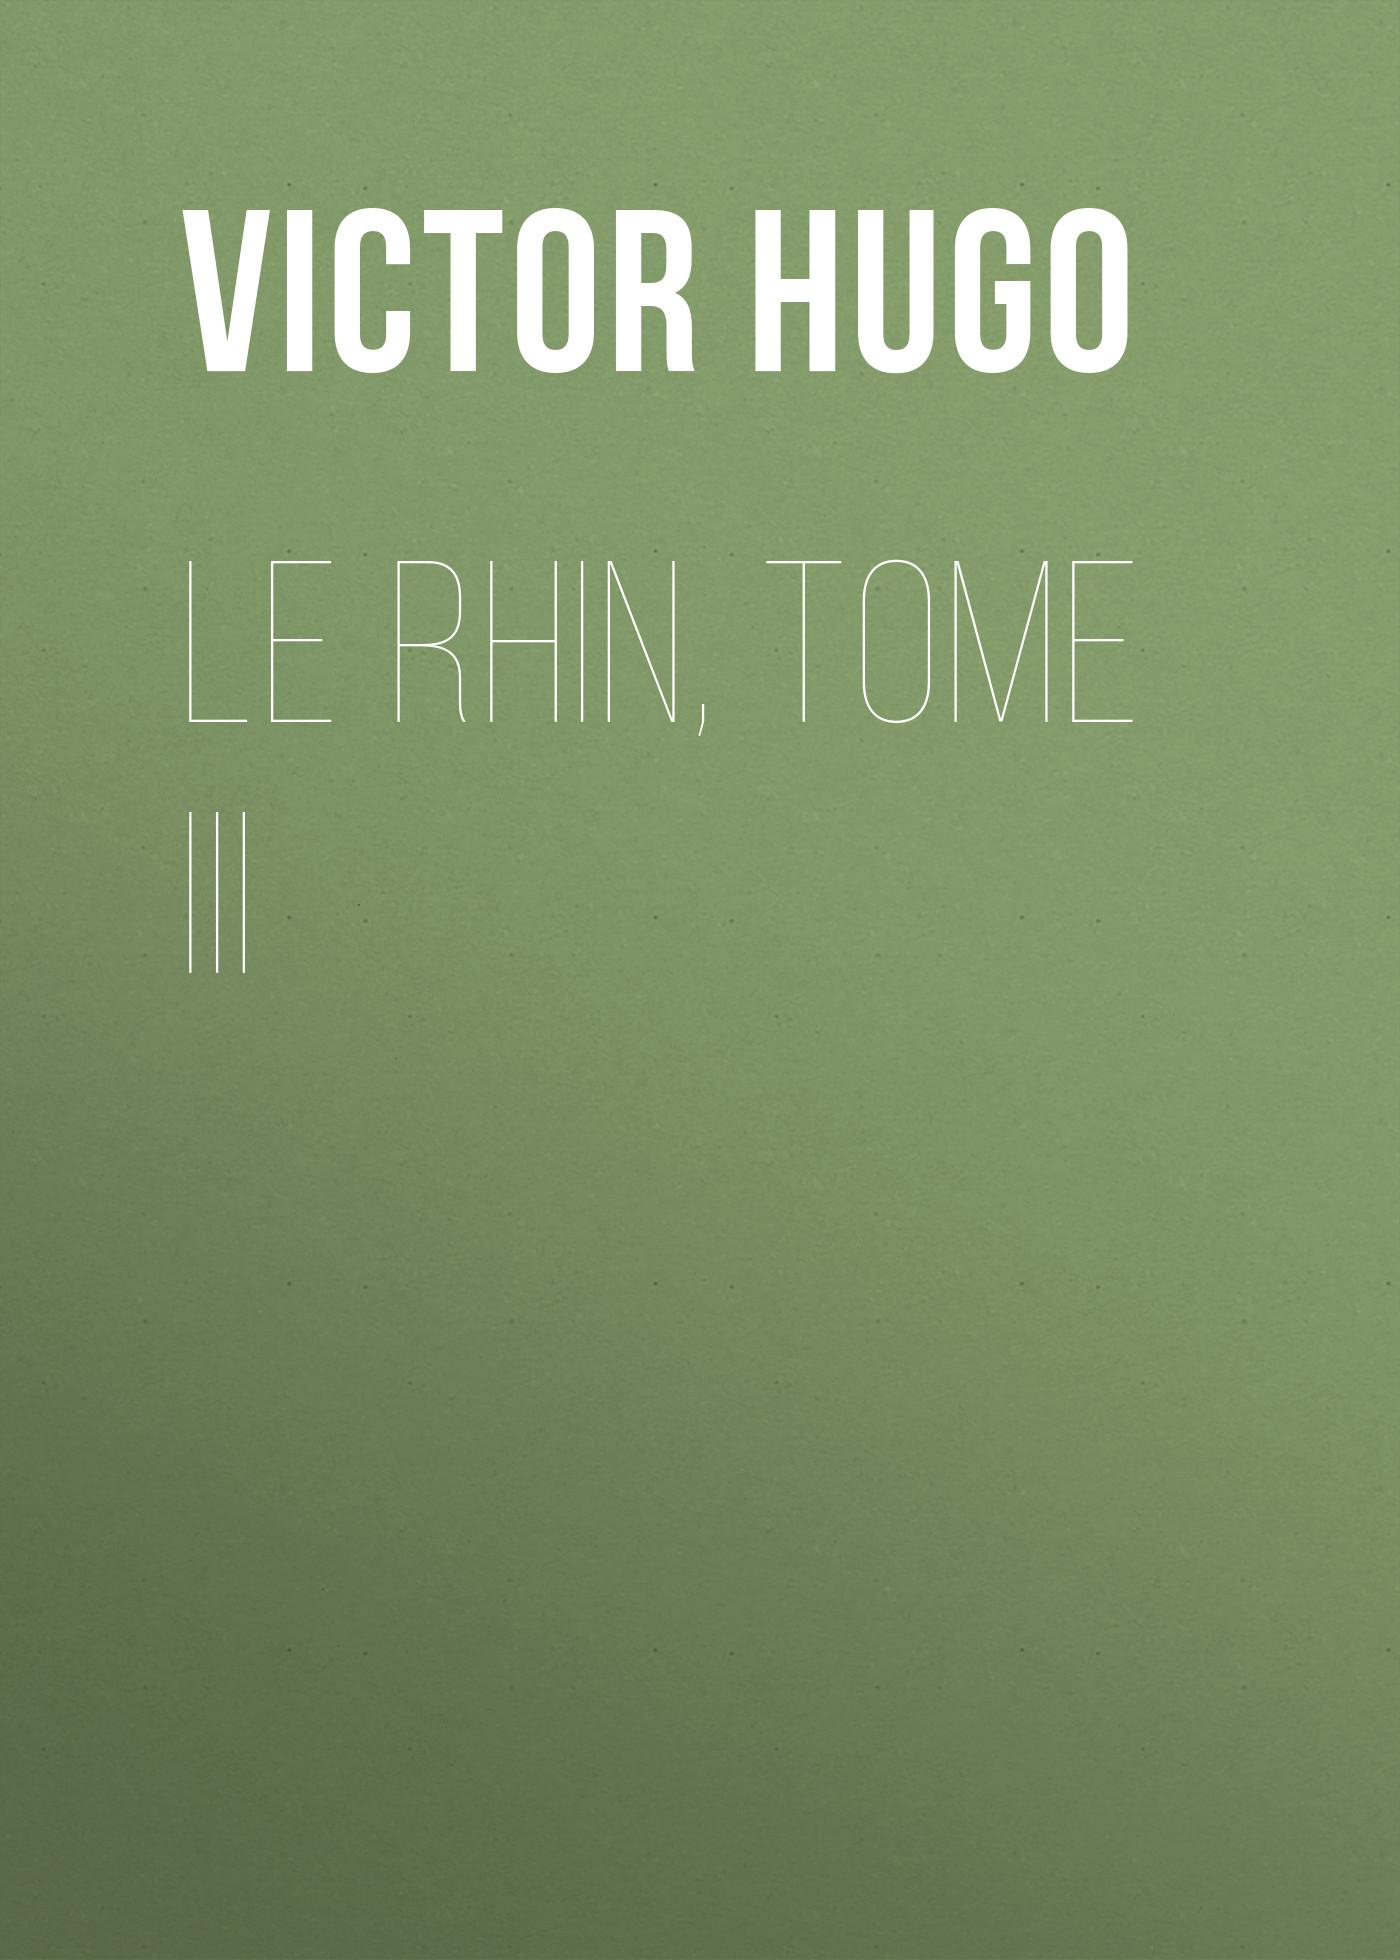 Виктор Мари Гюго Le Rhin, Tome III виктор мари гюго les misérables tome ii cosette